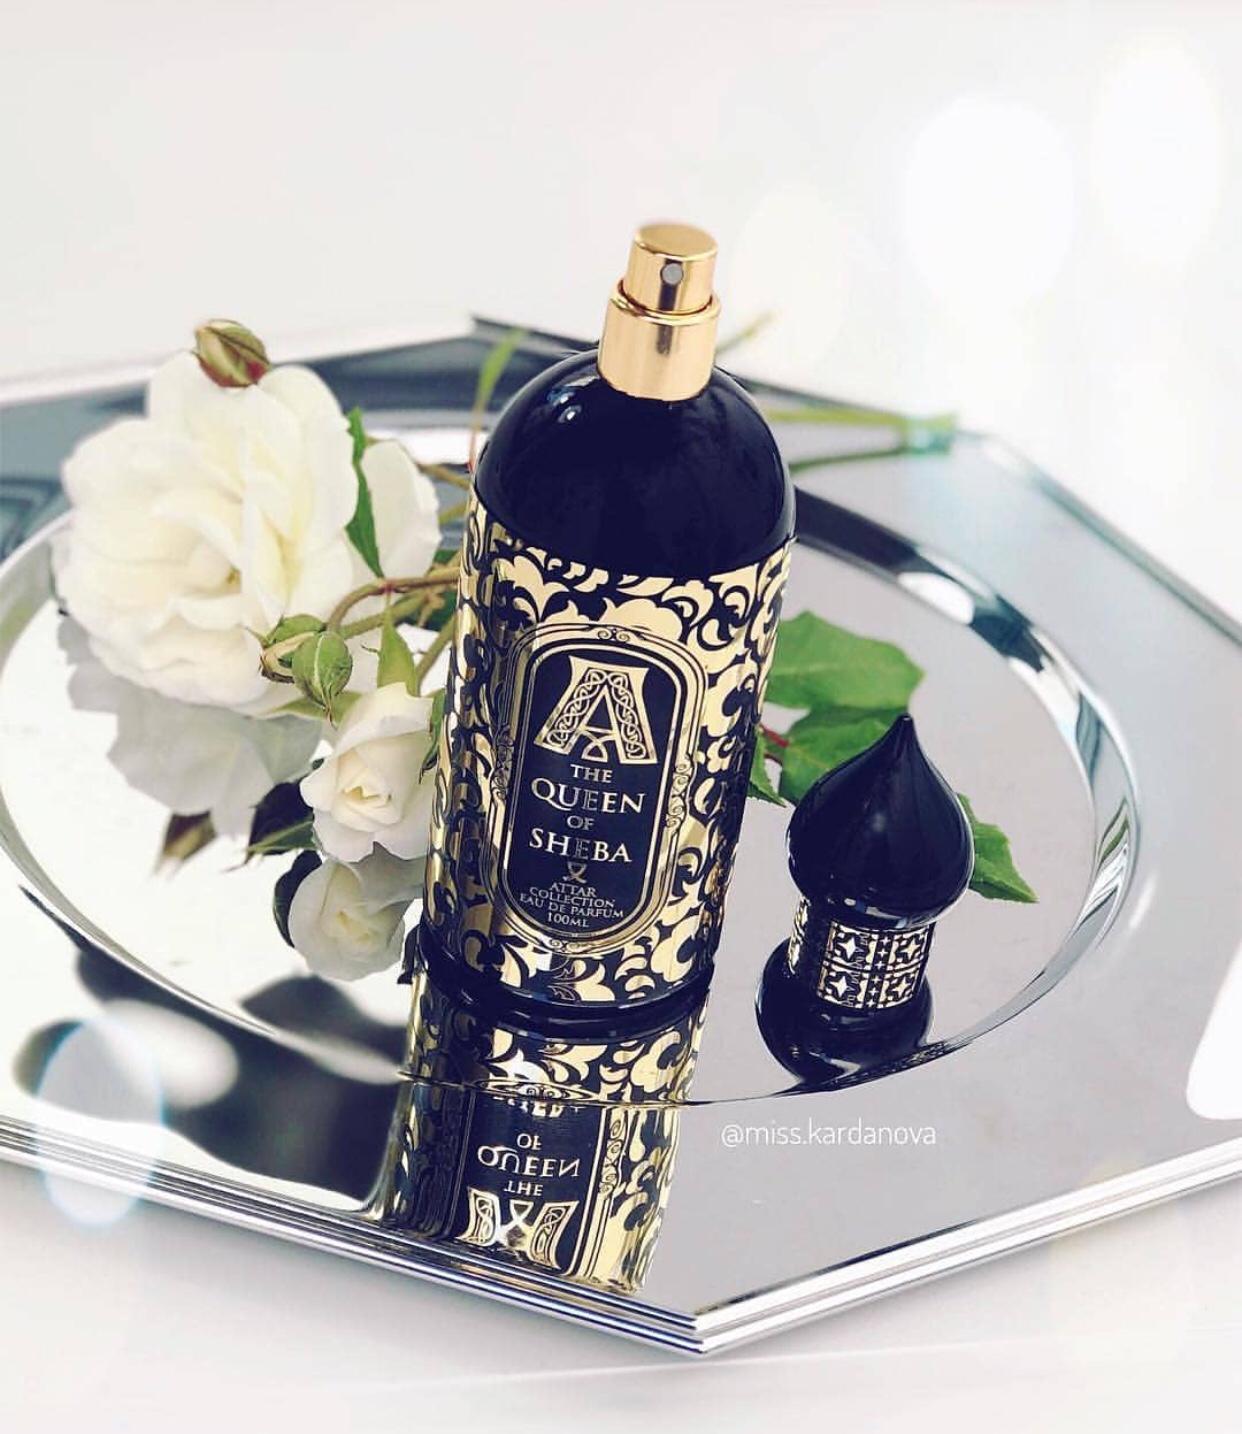 Attar Collection - The Queen of Sheba